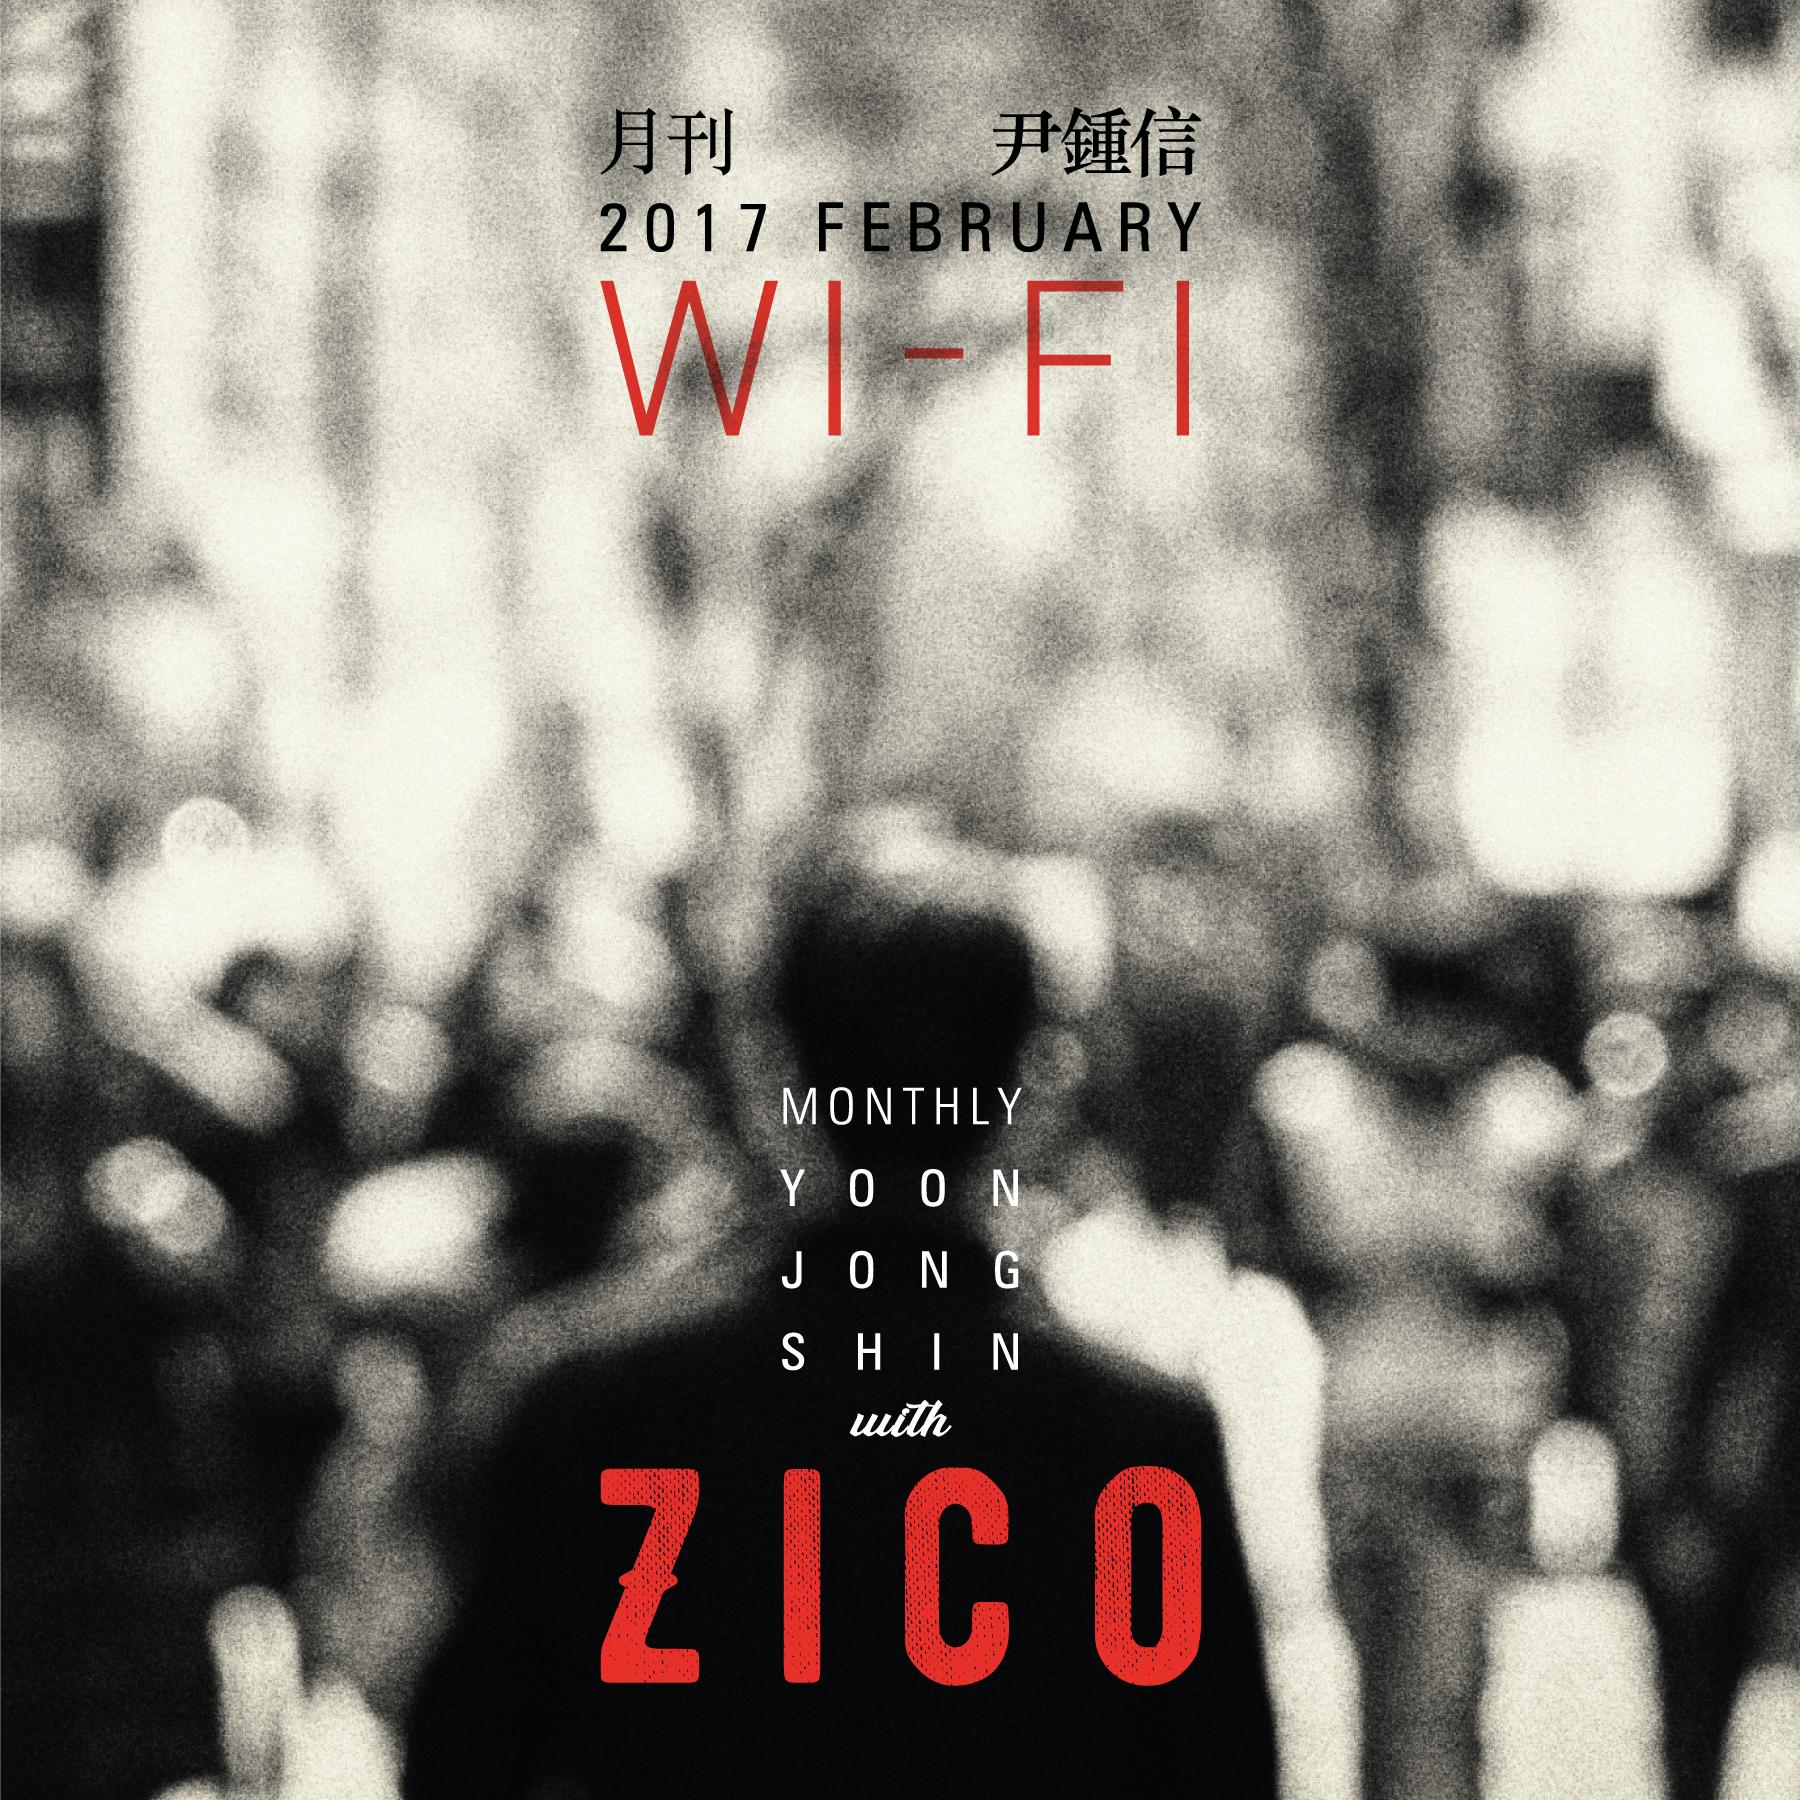 2017 <월간 윤종신> 2월호 - Wi-Fi (With ZICO)